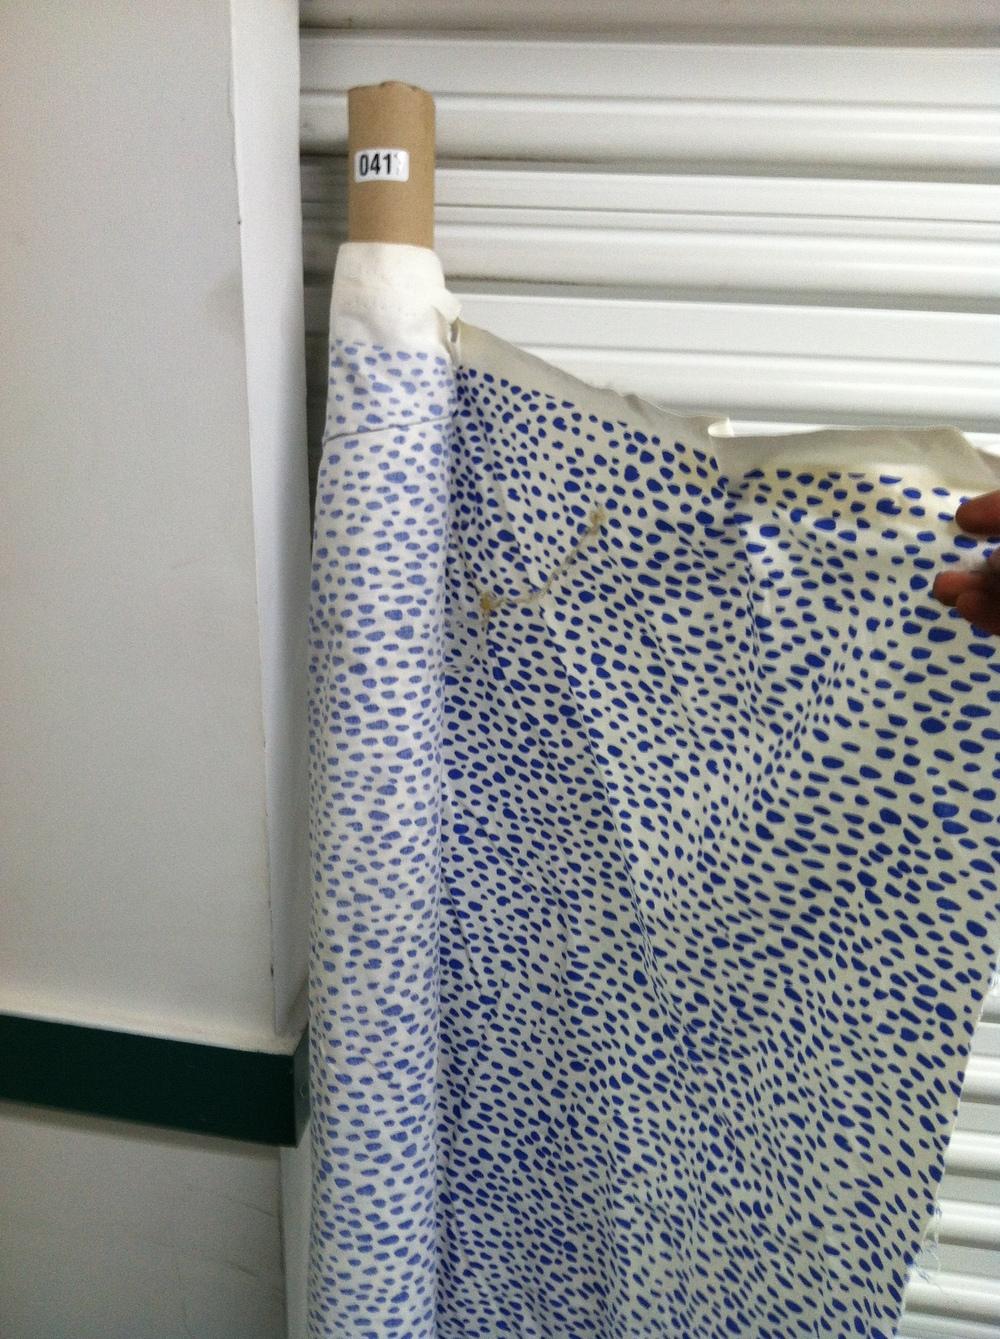 0417: Fabric- Blue Dot Pattern